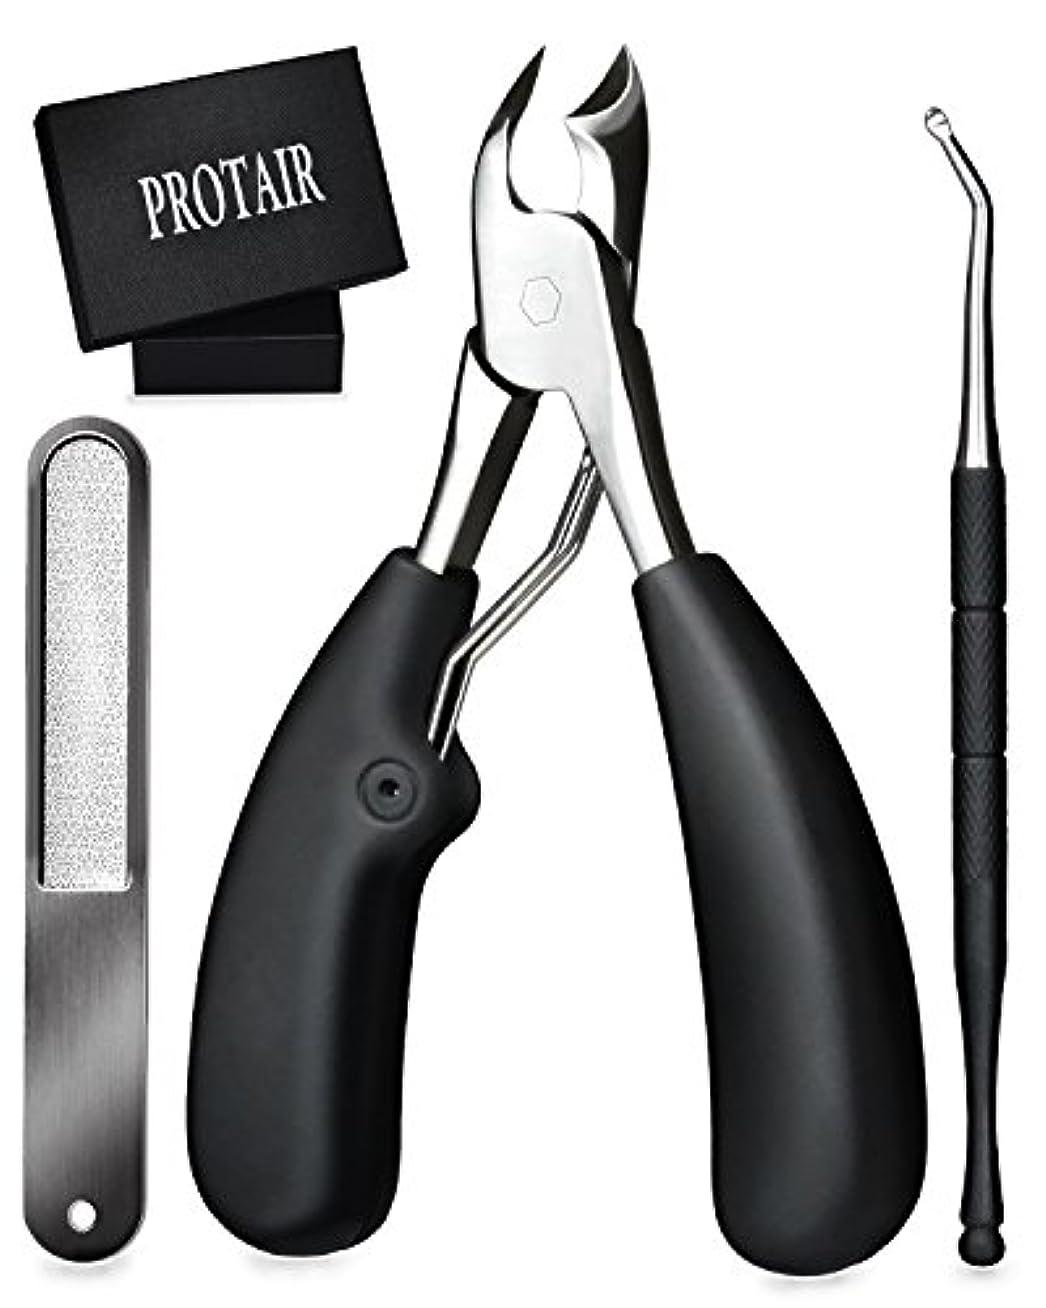 差別調停者衣類PROTAIR 爪切り ニッパー 巻き爪 硬い爪などにも対応、ゾンデと爪やすり付き